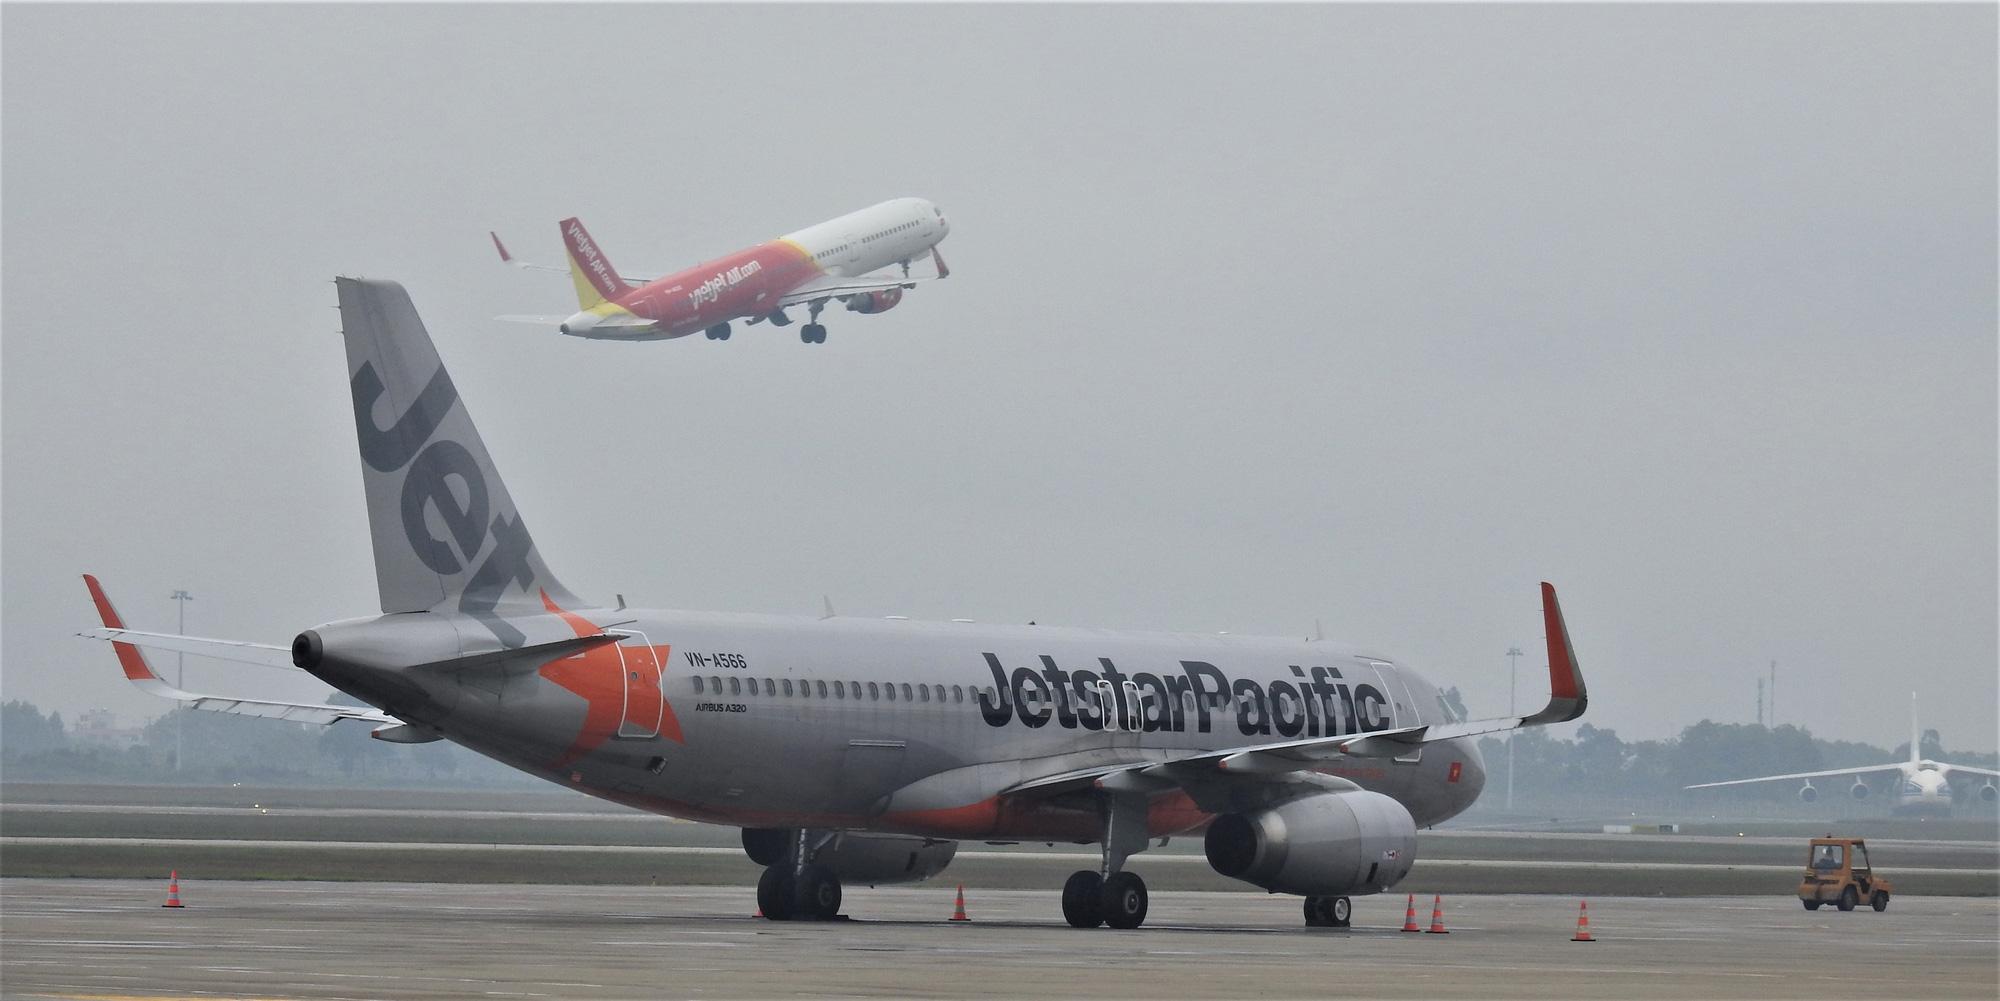 Hãng hàng không Việt Nam thiệt hại 10.000 tỉ đồng doanh thu vì dịch virus corona (covid-19) - Ảnh 2.